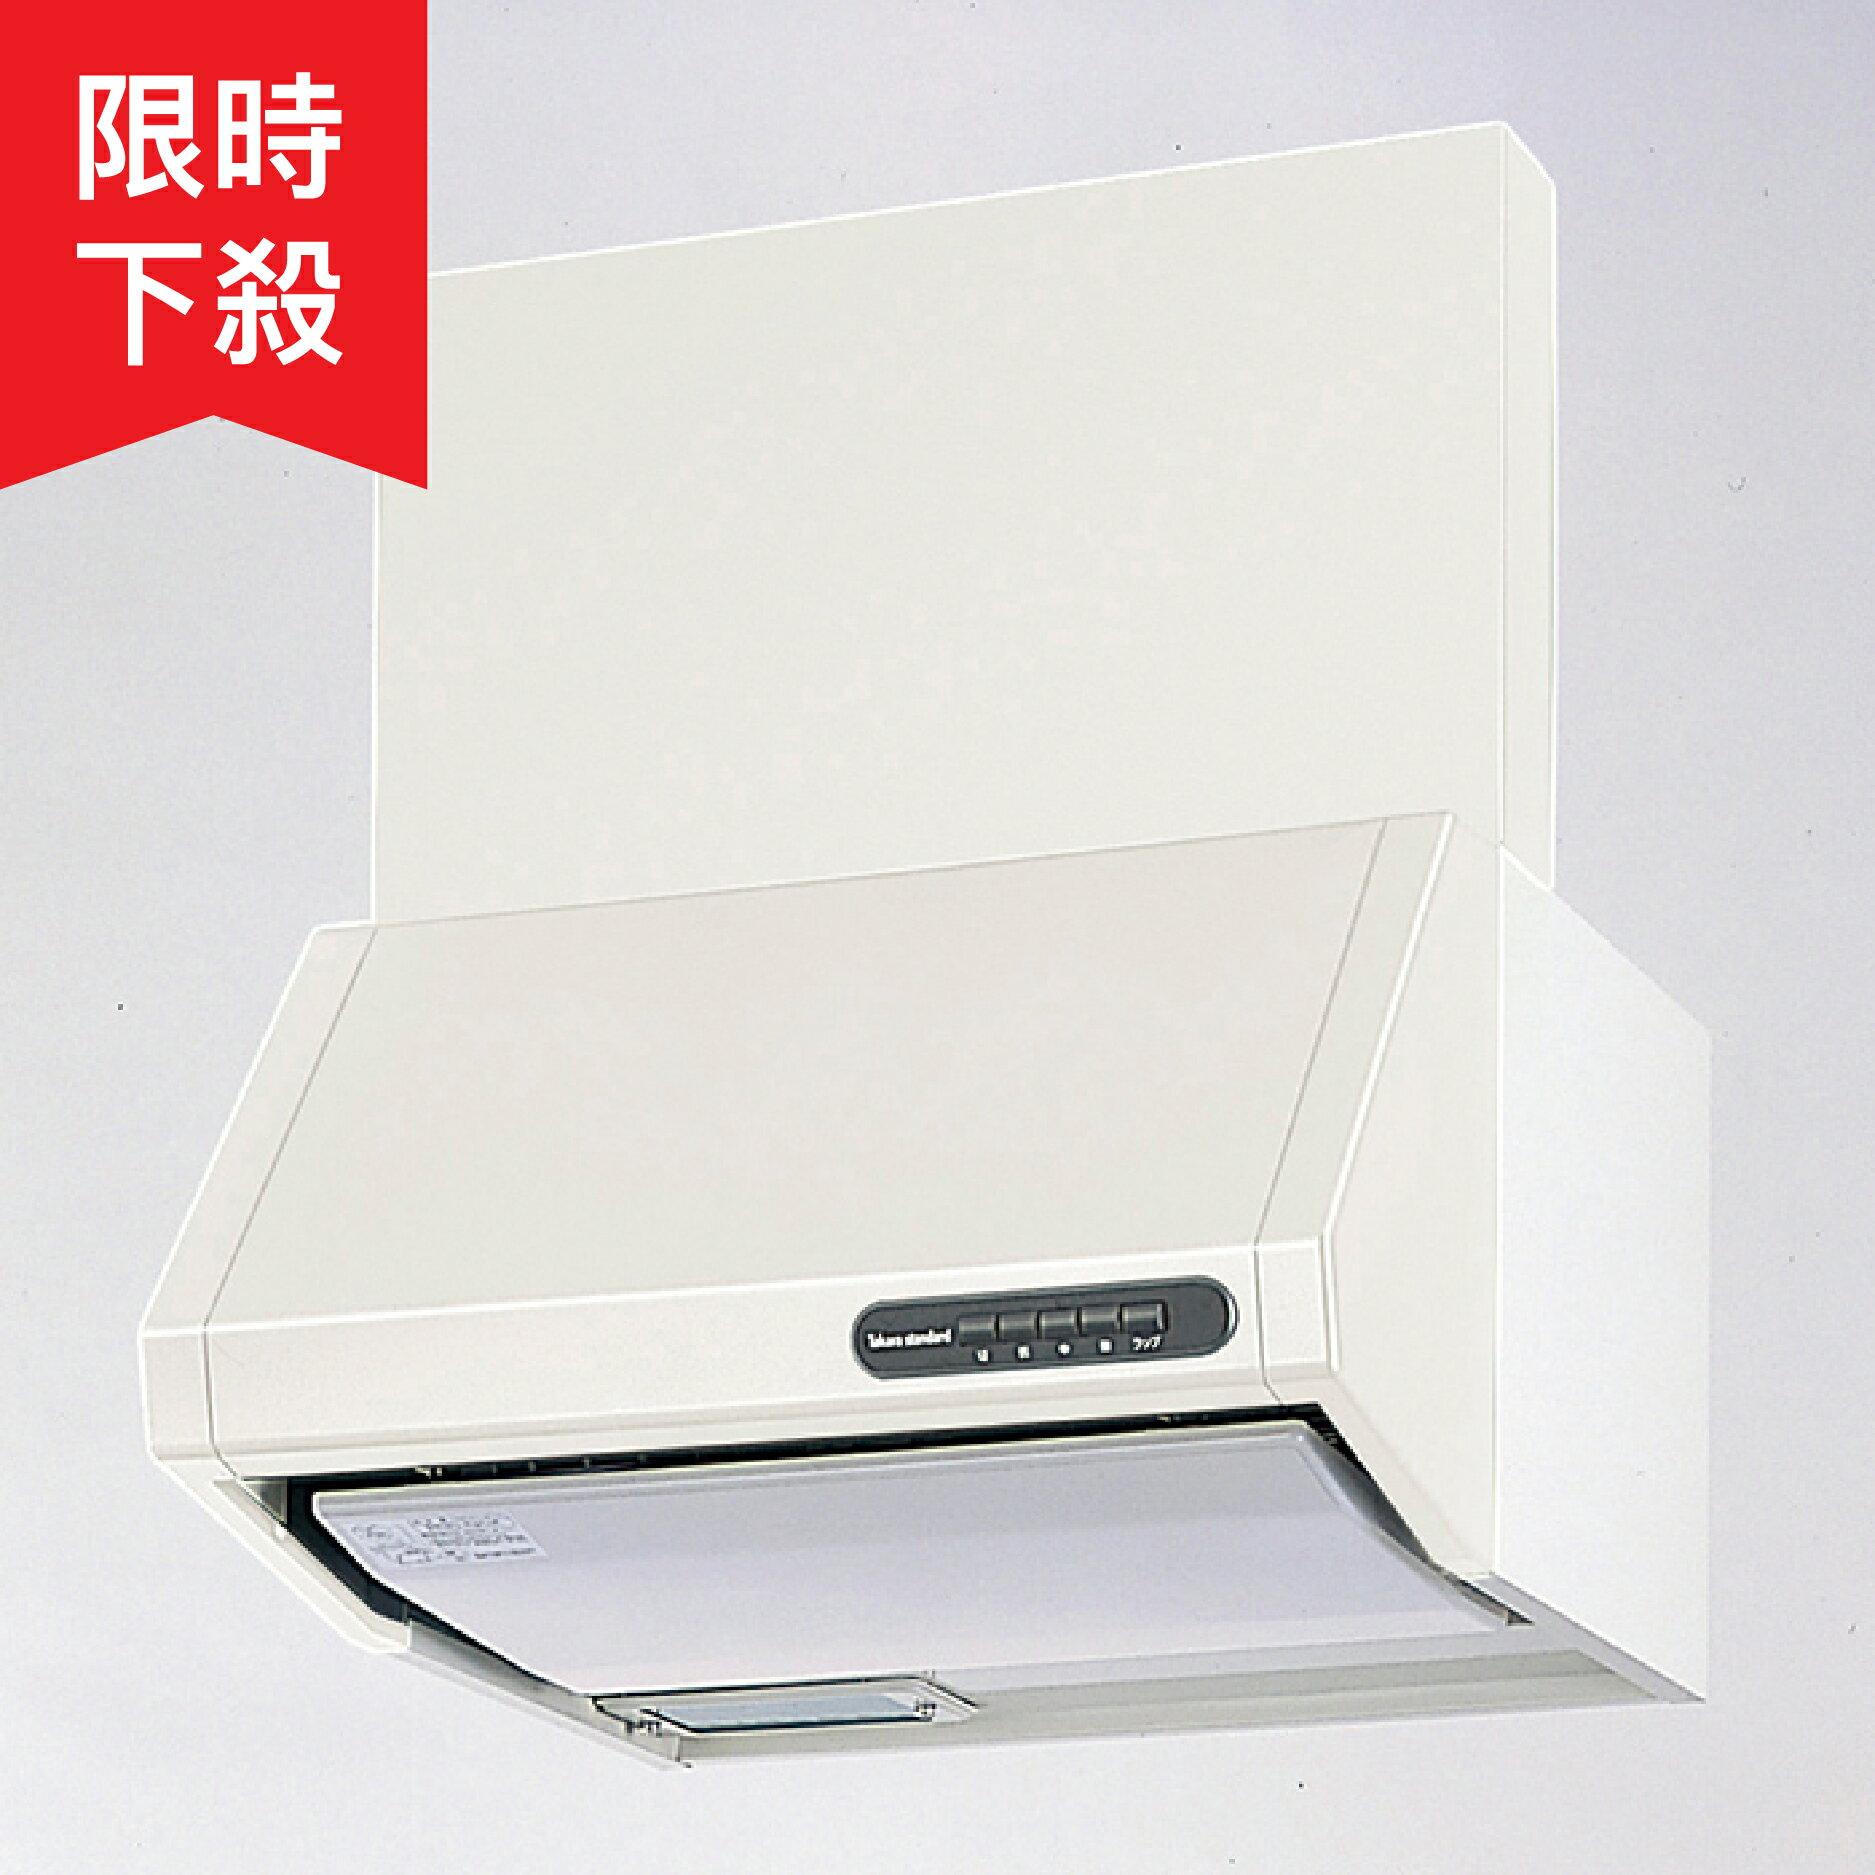 【現貨+預購】日本廚房用家電-Takara Standard 靜音環吸排油煙機【RUS75F】強大吸力,靜音除味,保持居家空氣清新